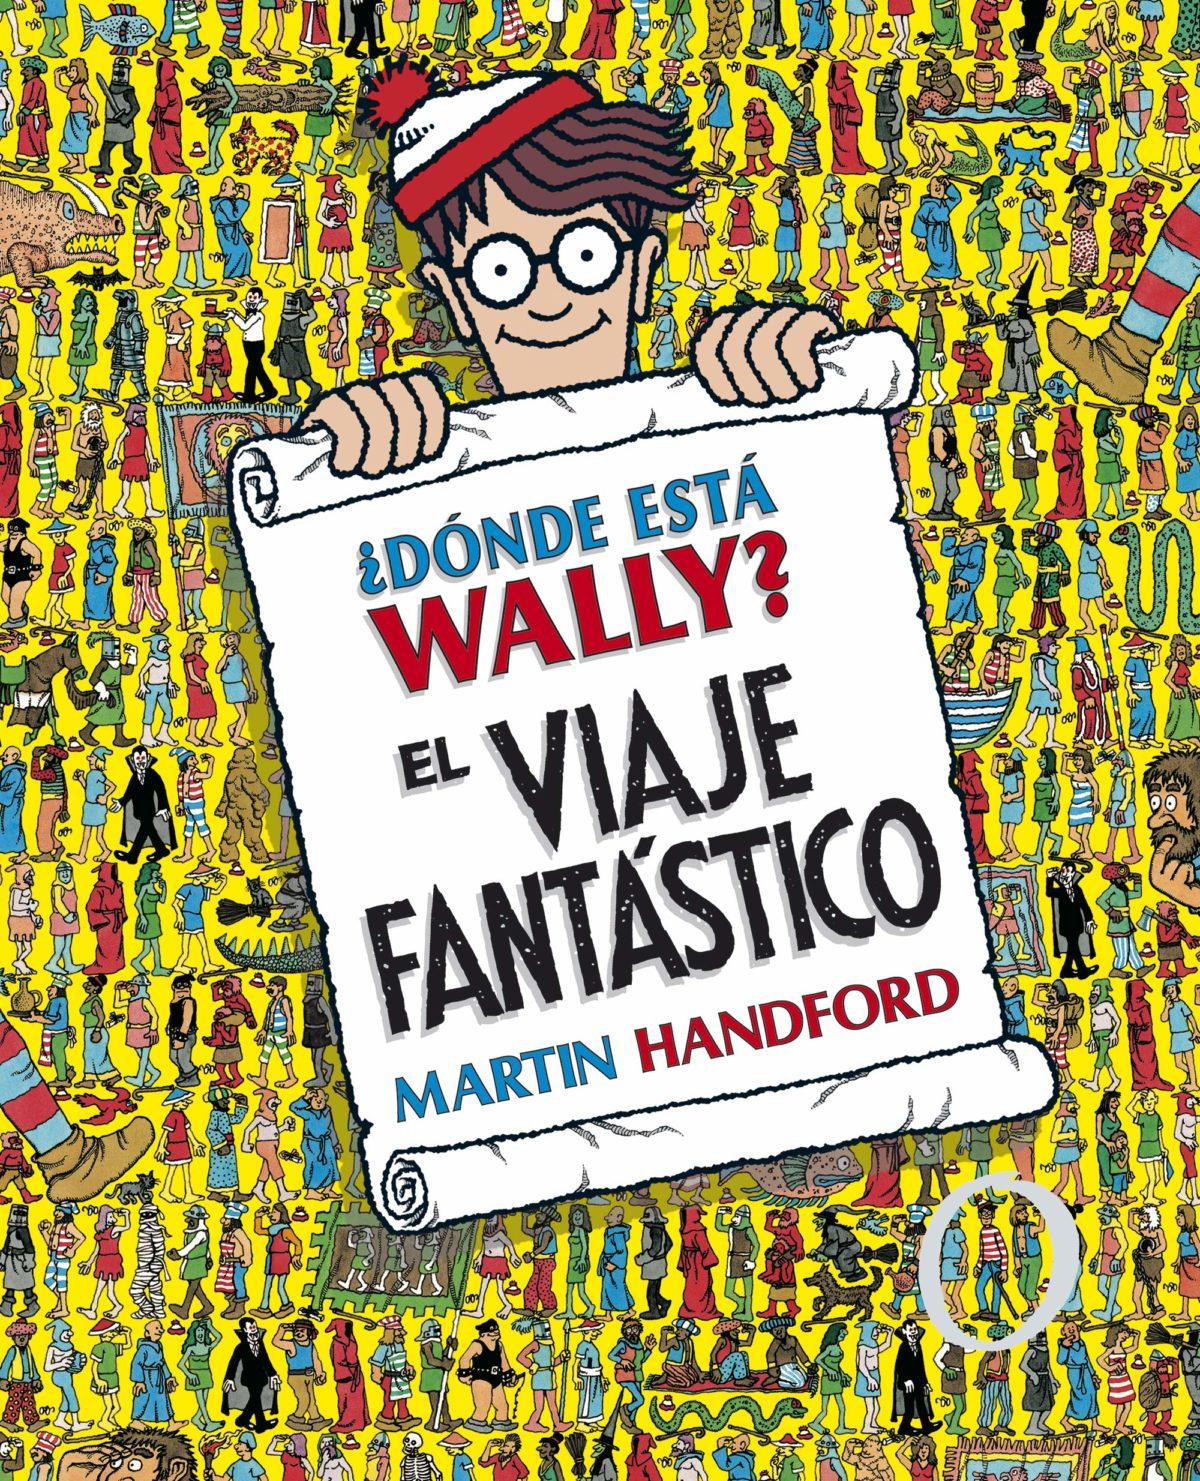 ¿Dónde está Wally? El viaje fantástico (Colección ¿Dónde está Wally?): (Edición coleccionistas ¡Contiene un póster!) (Español) Tapa dura